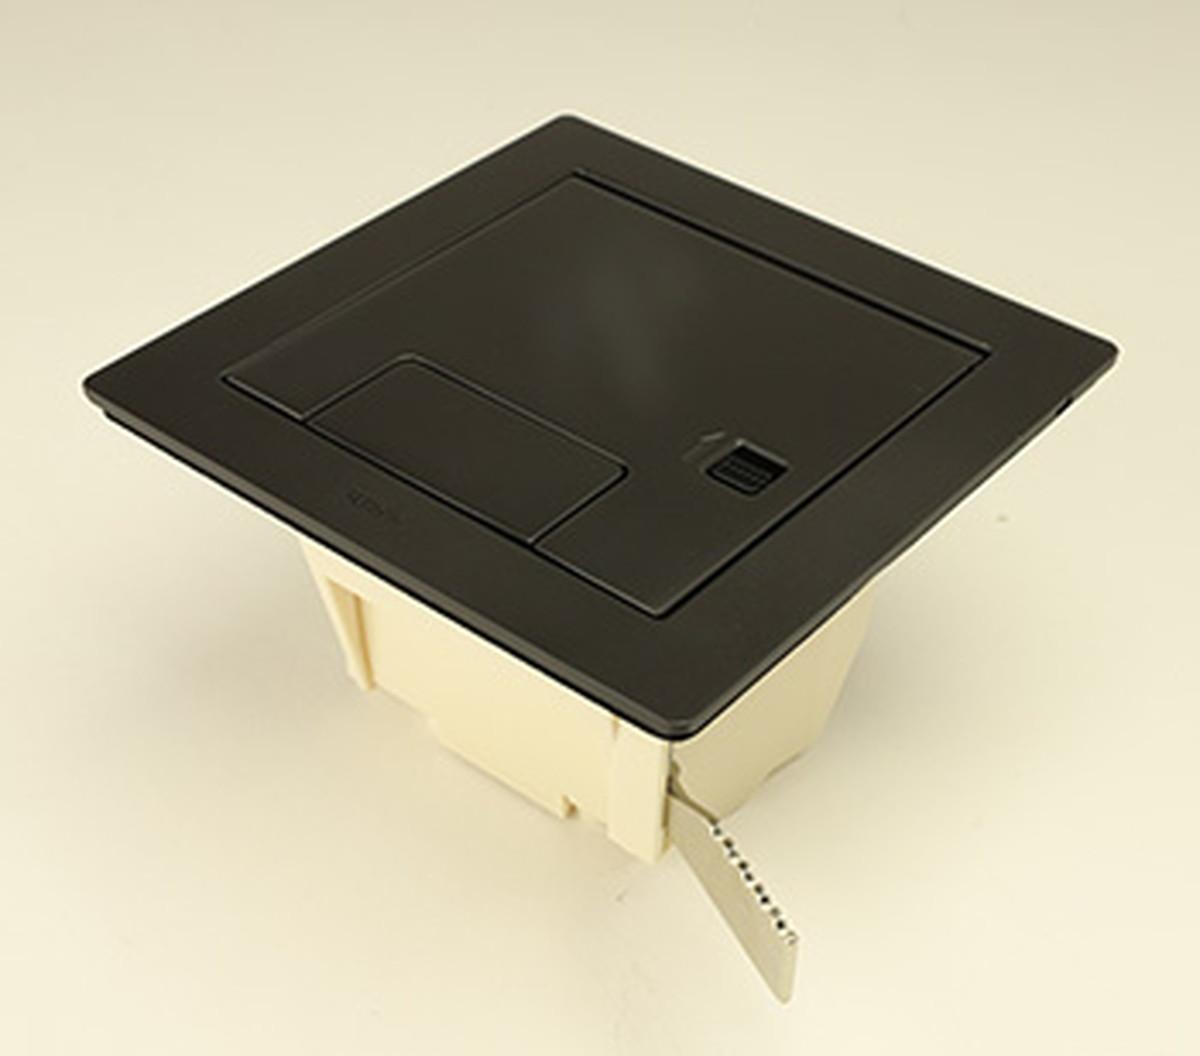 寺田電機 CEA80000BK ボックス+プレート(ブラック)